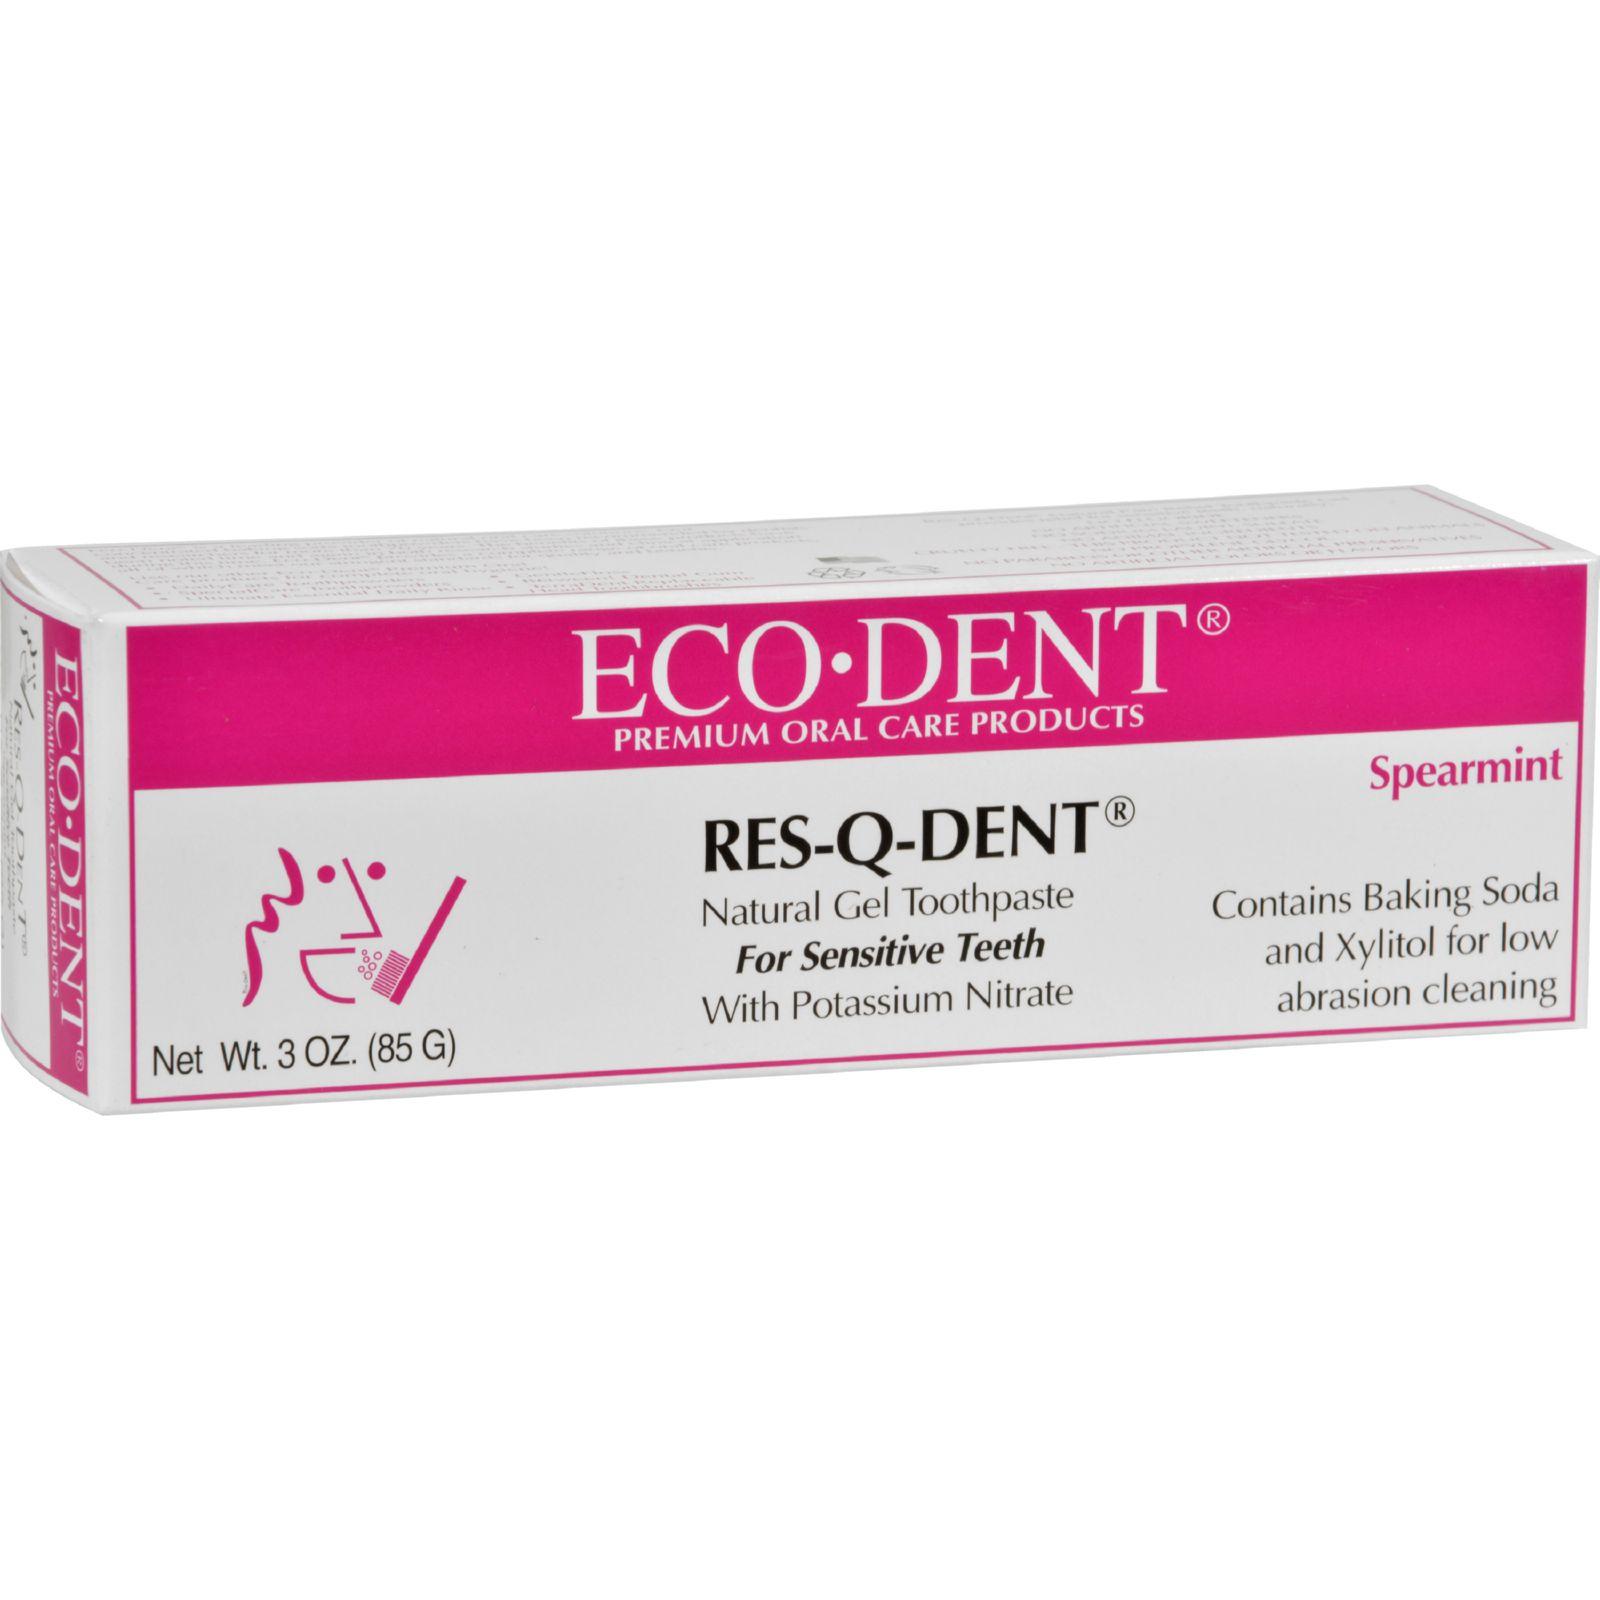 Eco-Dent Res-Q-Dent Toothpaste - Spearmint - 3 oz